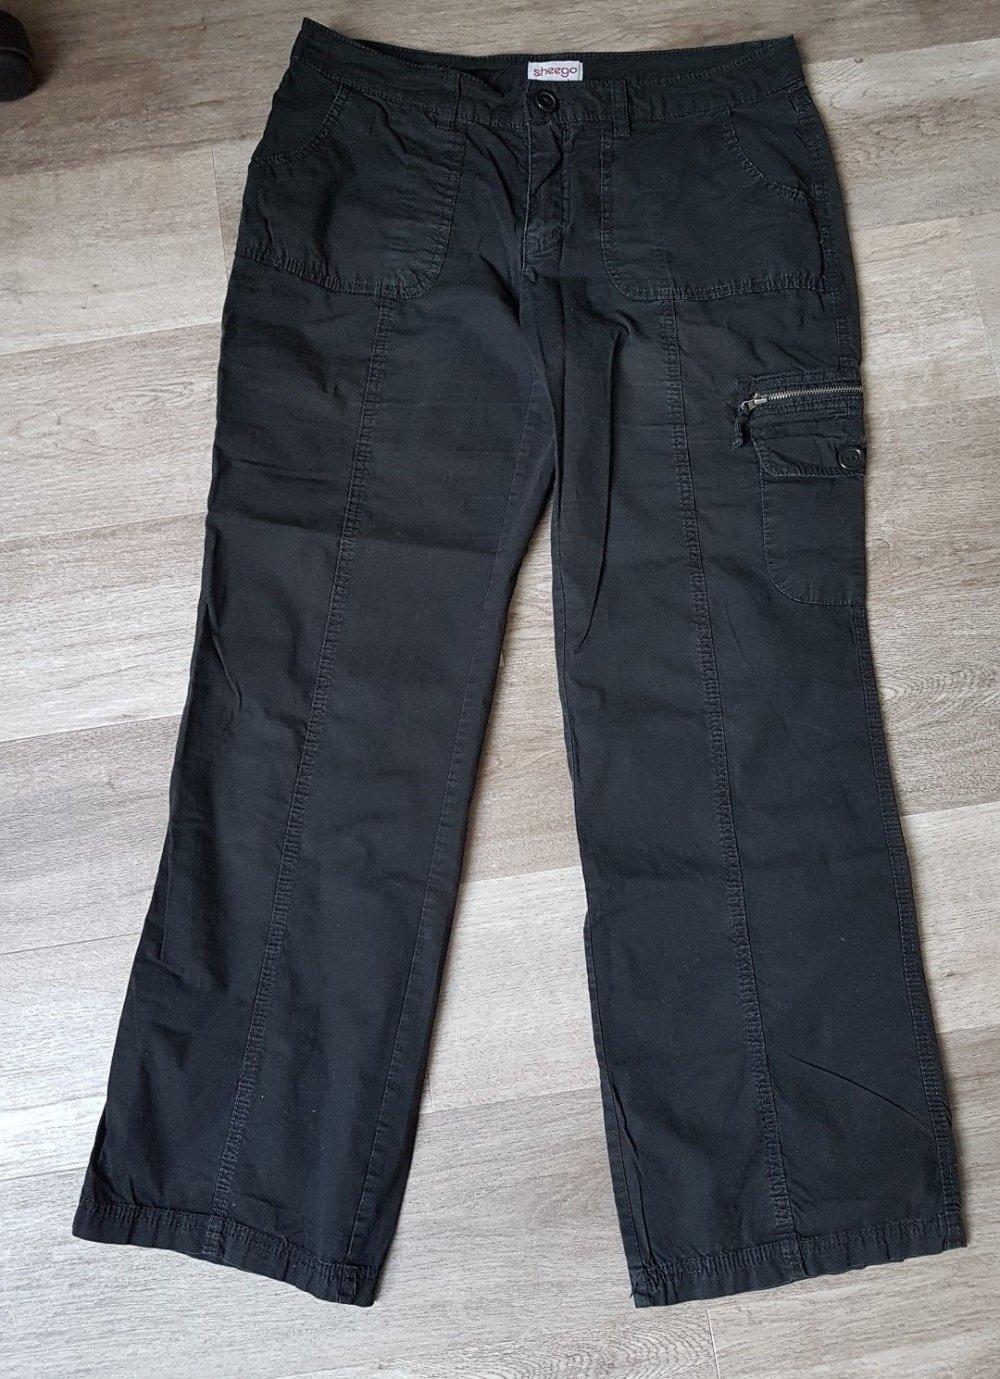 Lässige Damen Cargohose Gr. 38 (sheego) schwarz